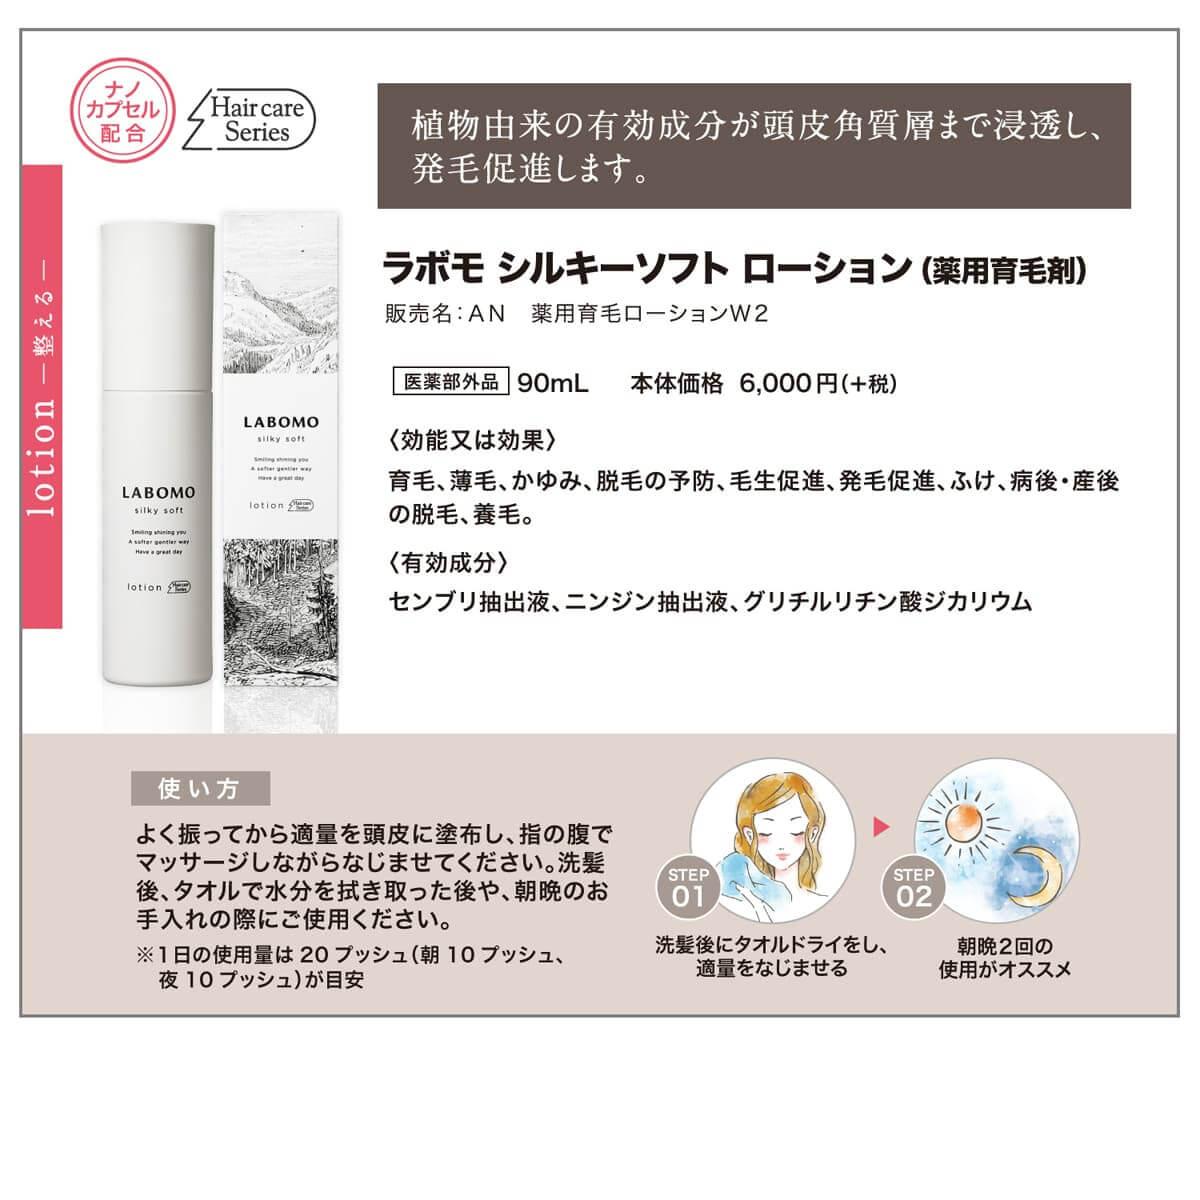 ラボモ シルキーソフト ローション(薬用育毛剤)&アートラッシュセラム リッチ(まつ毛用美容液)